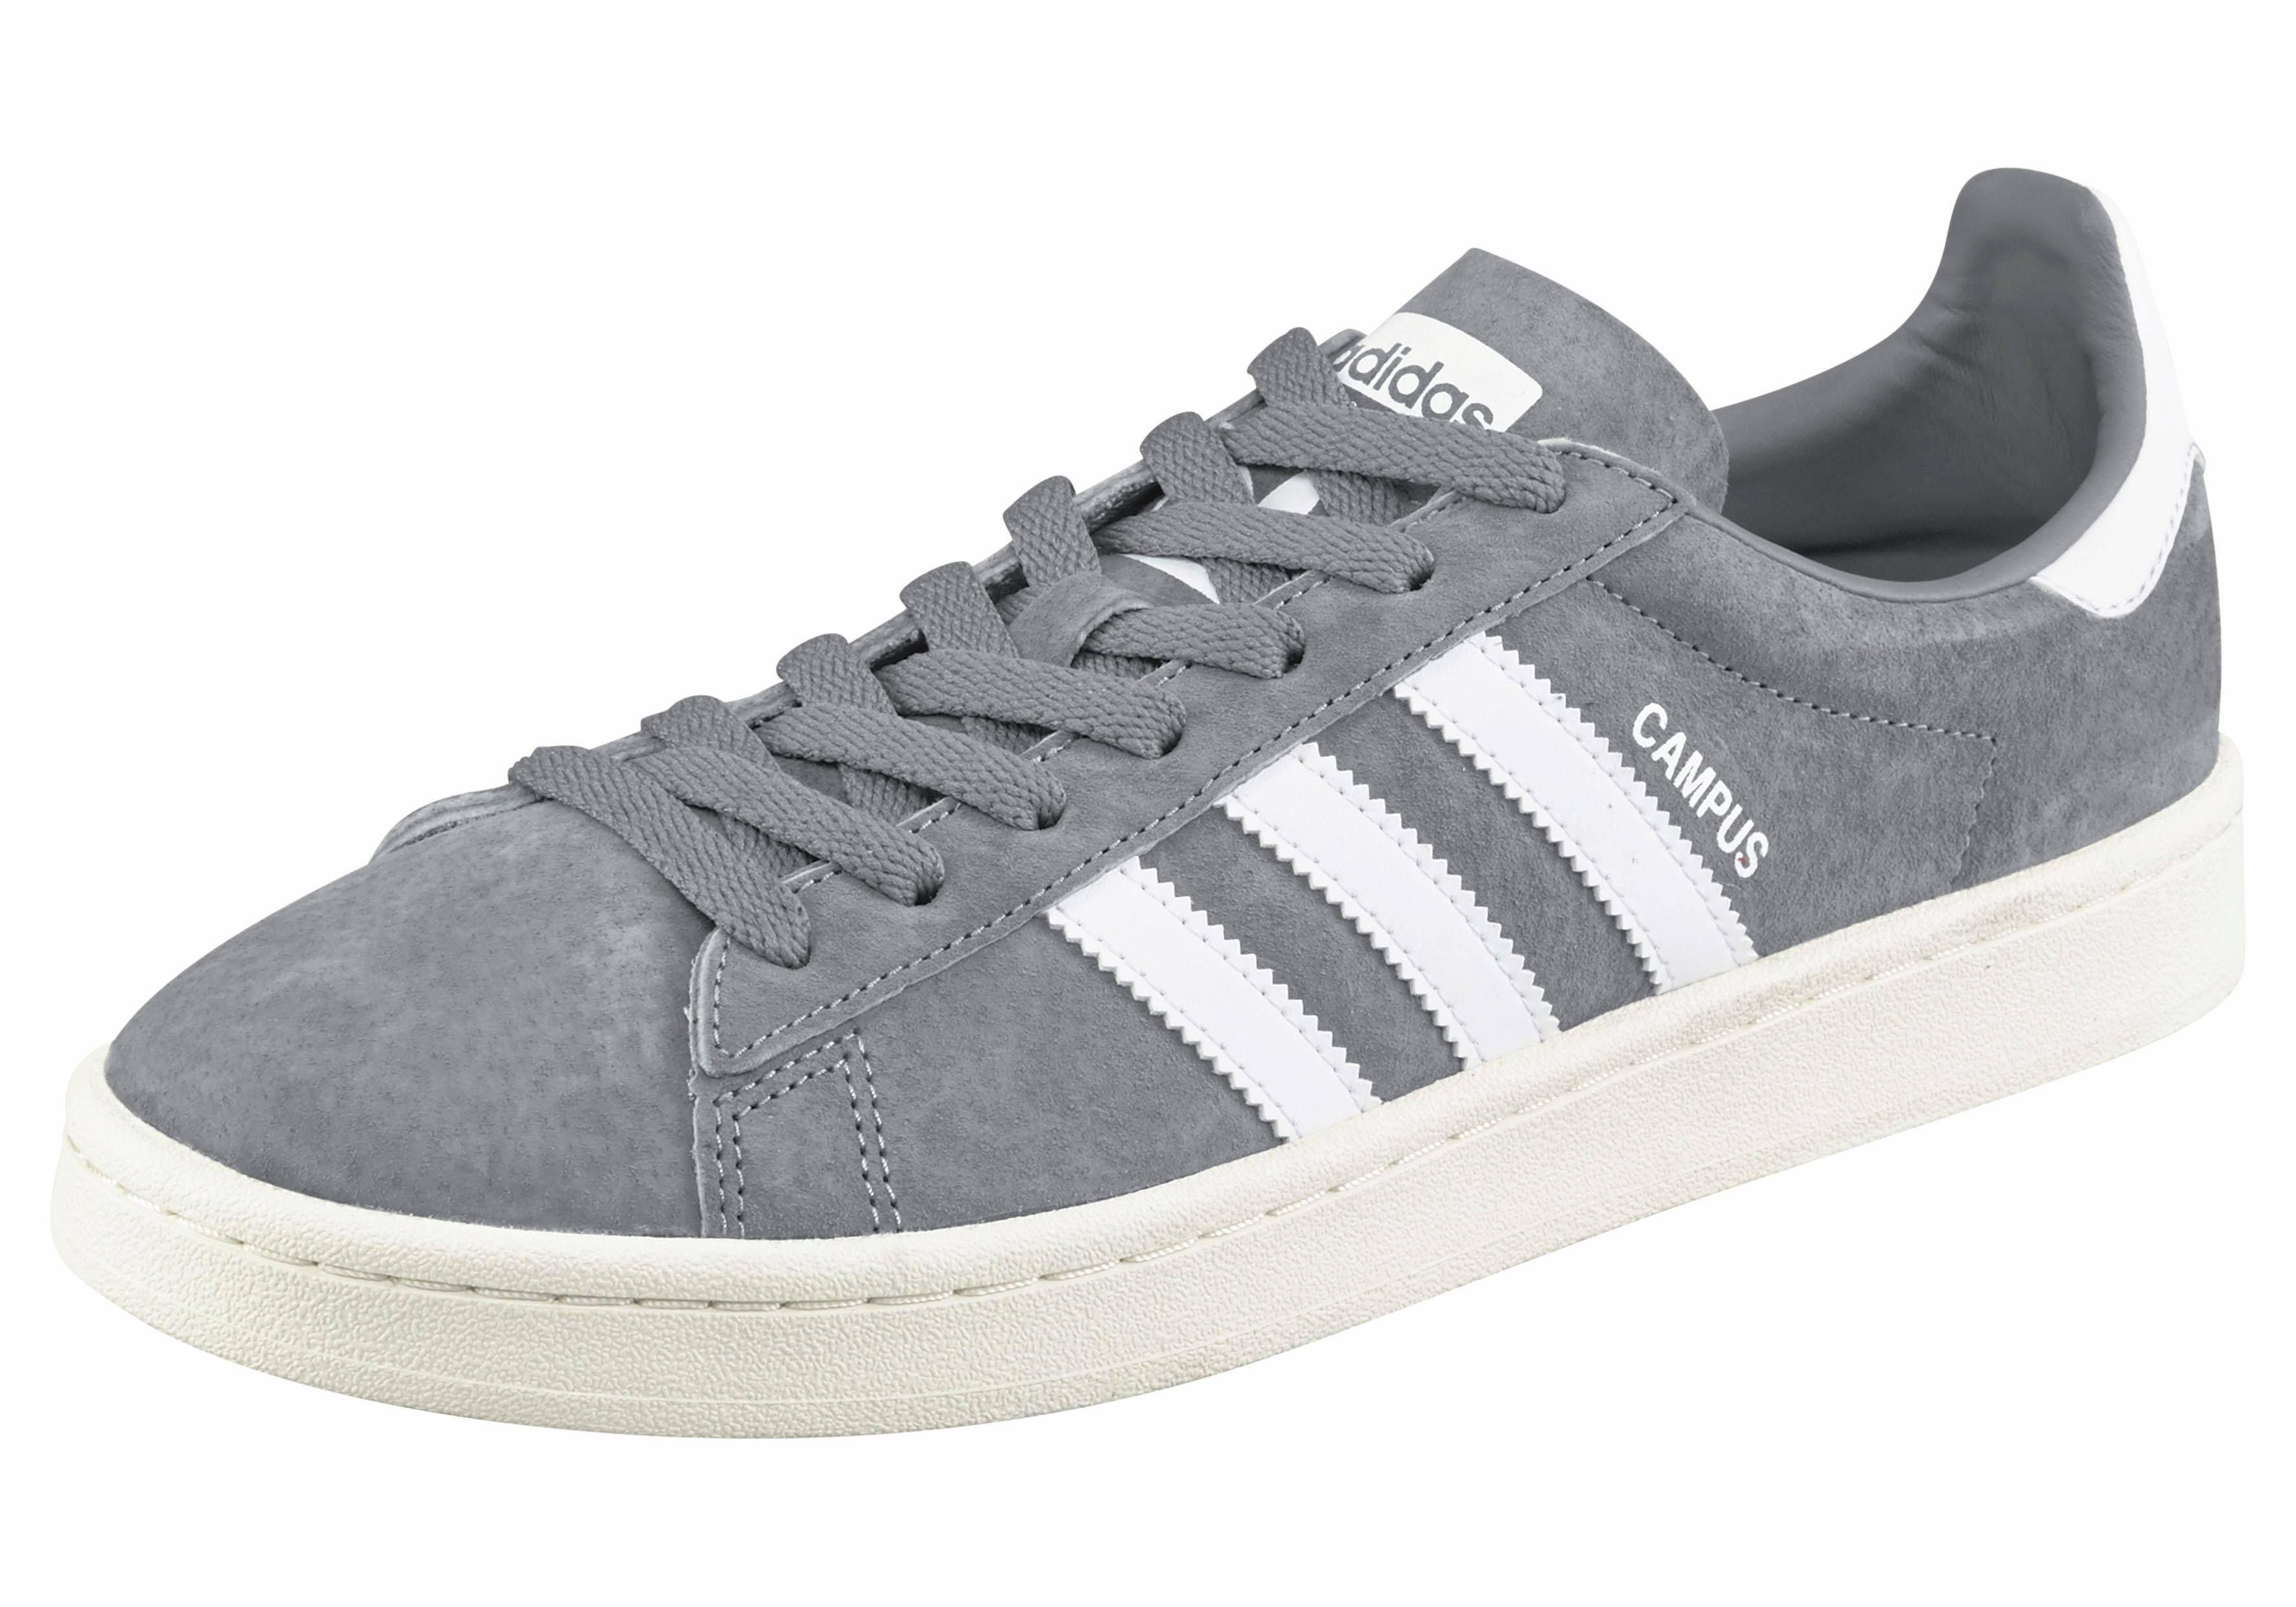 Grau Bz0085 In – Sneaker Grau Adidas Campus Weiß Originals XwZYOq5xA